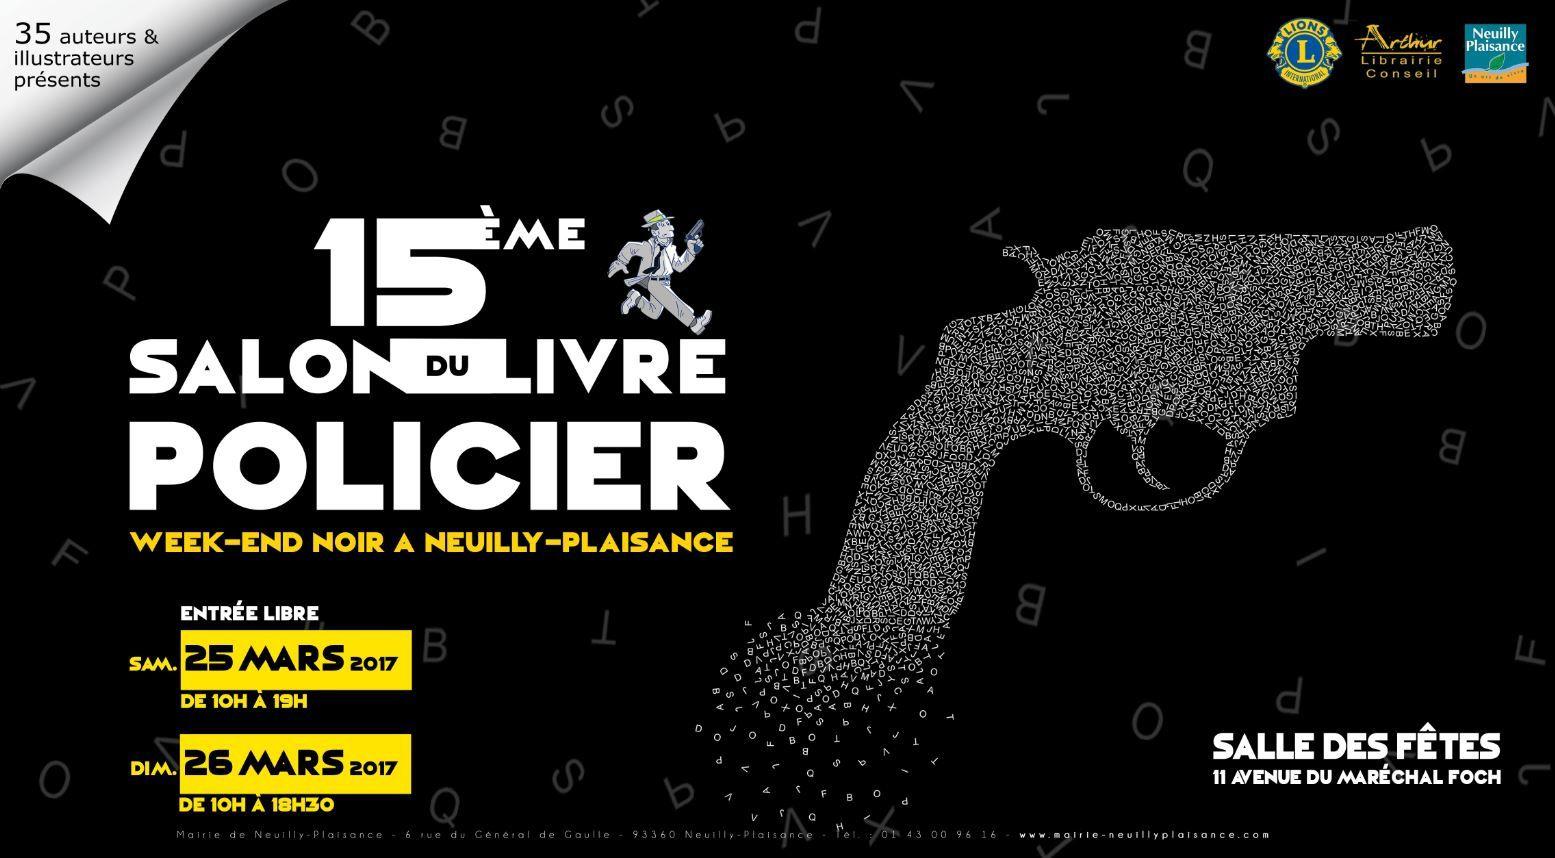 Les lauréates du 15e Salon du Livre Policier de Neuilly-Plaisance